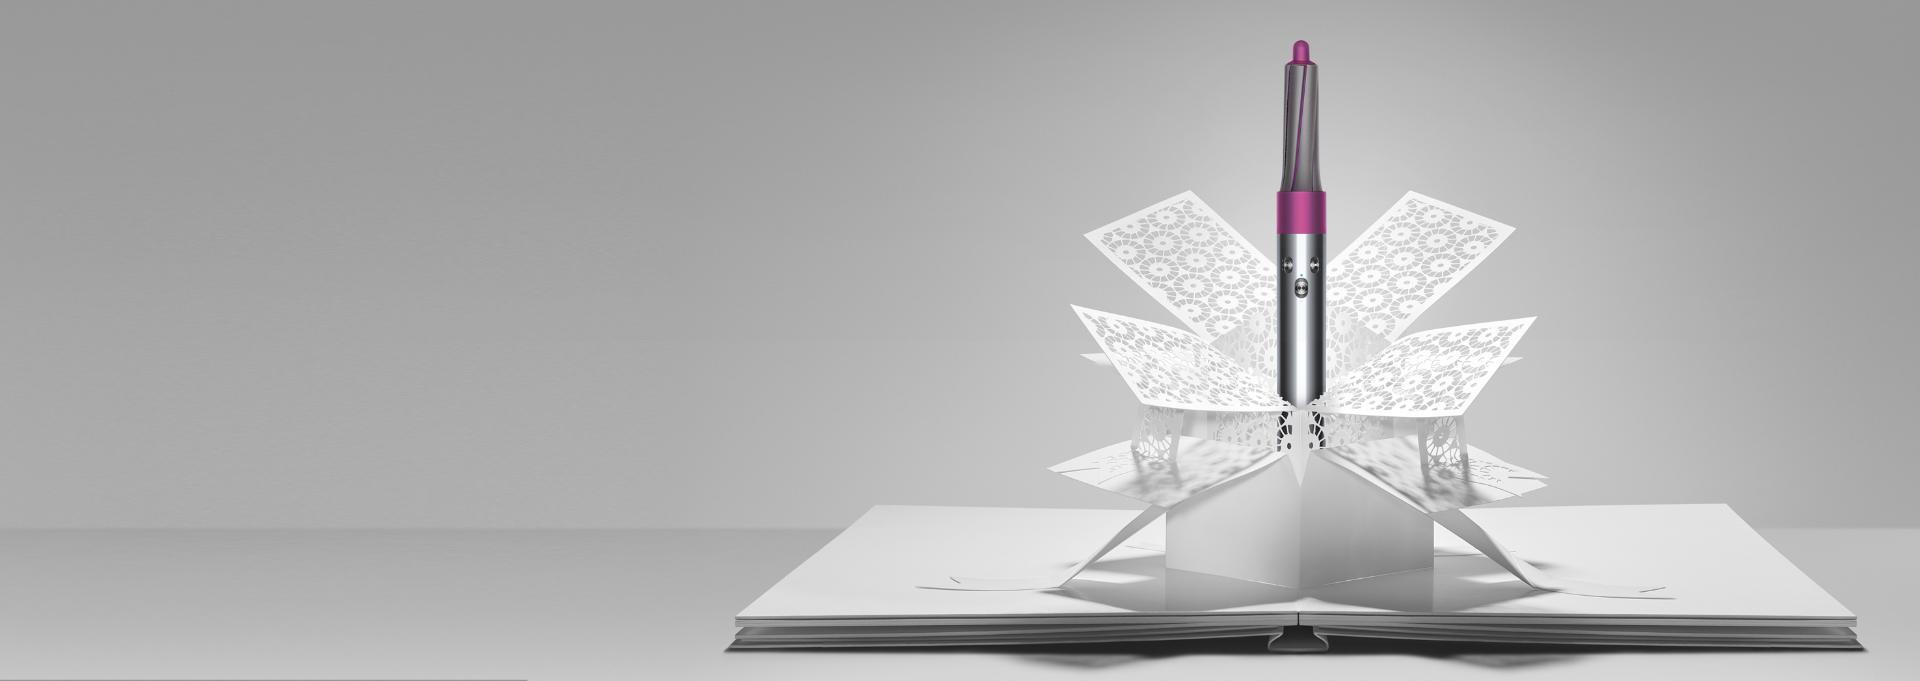 El estilizador Dyson Airwrap™ que emerge del arte en papel